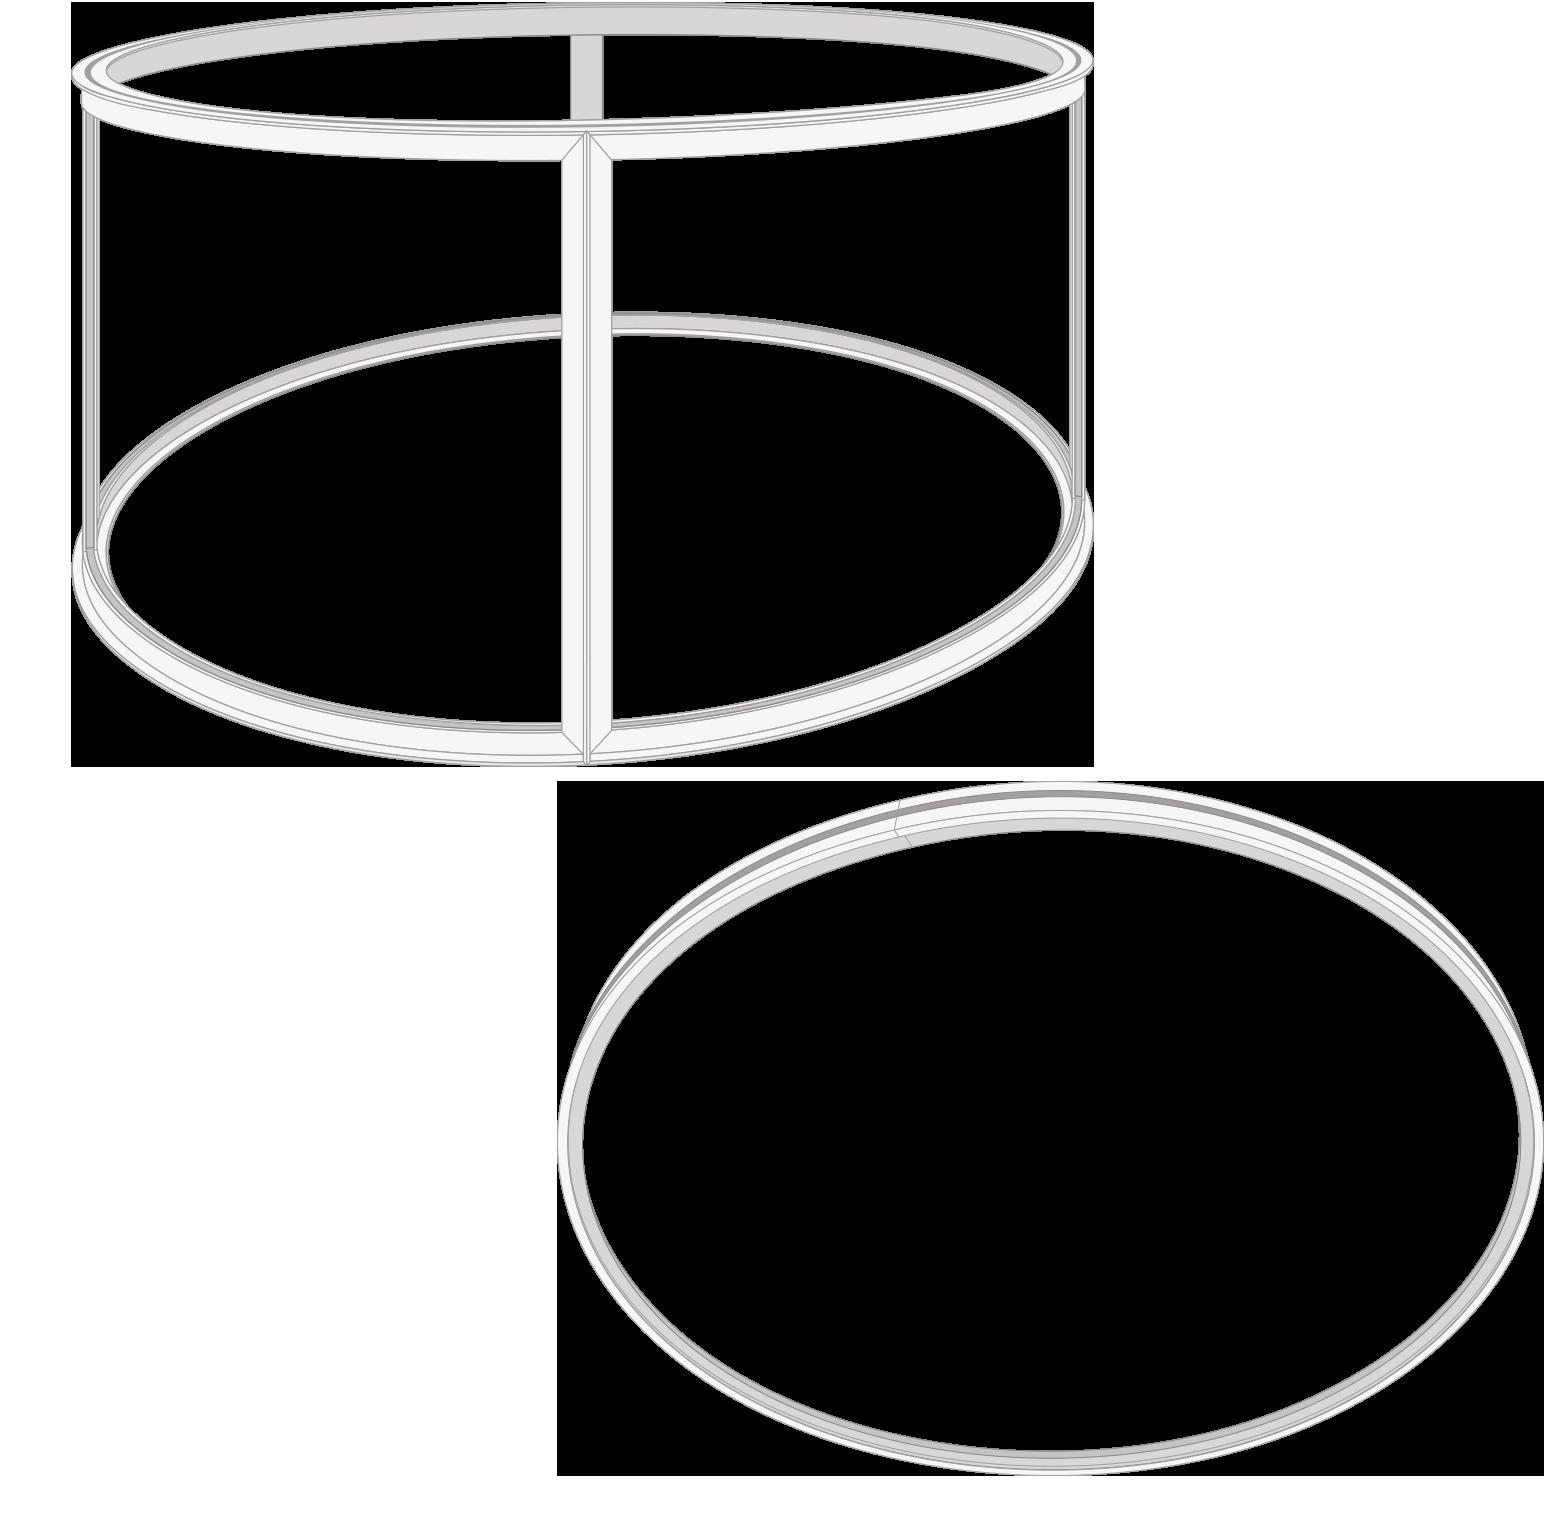 Easyframe Cylinder